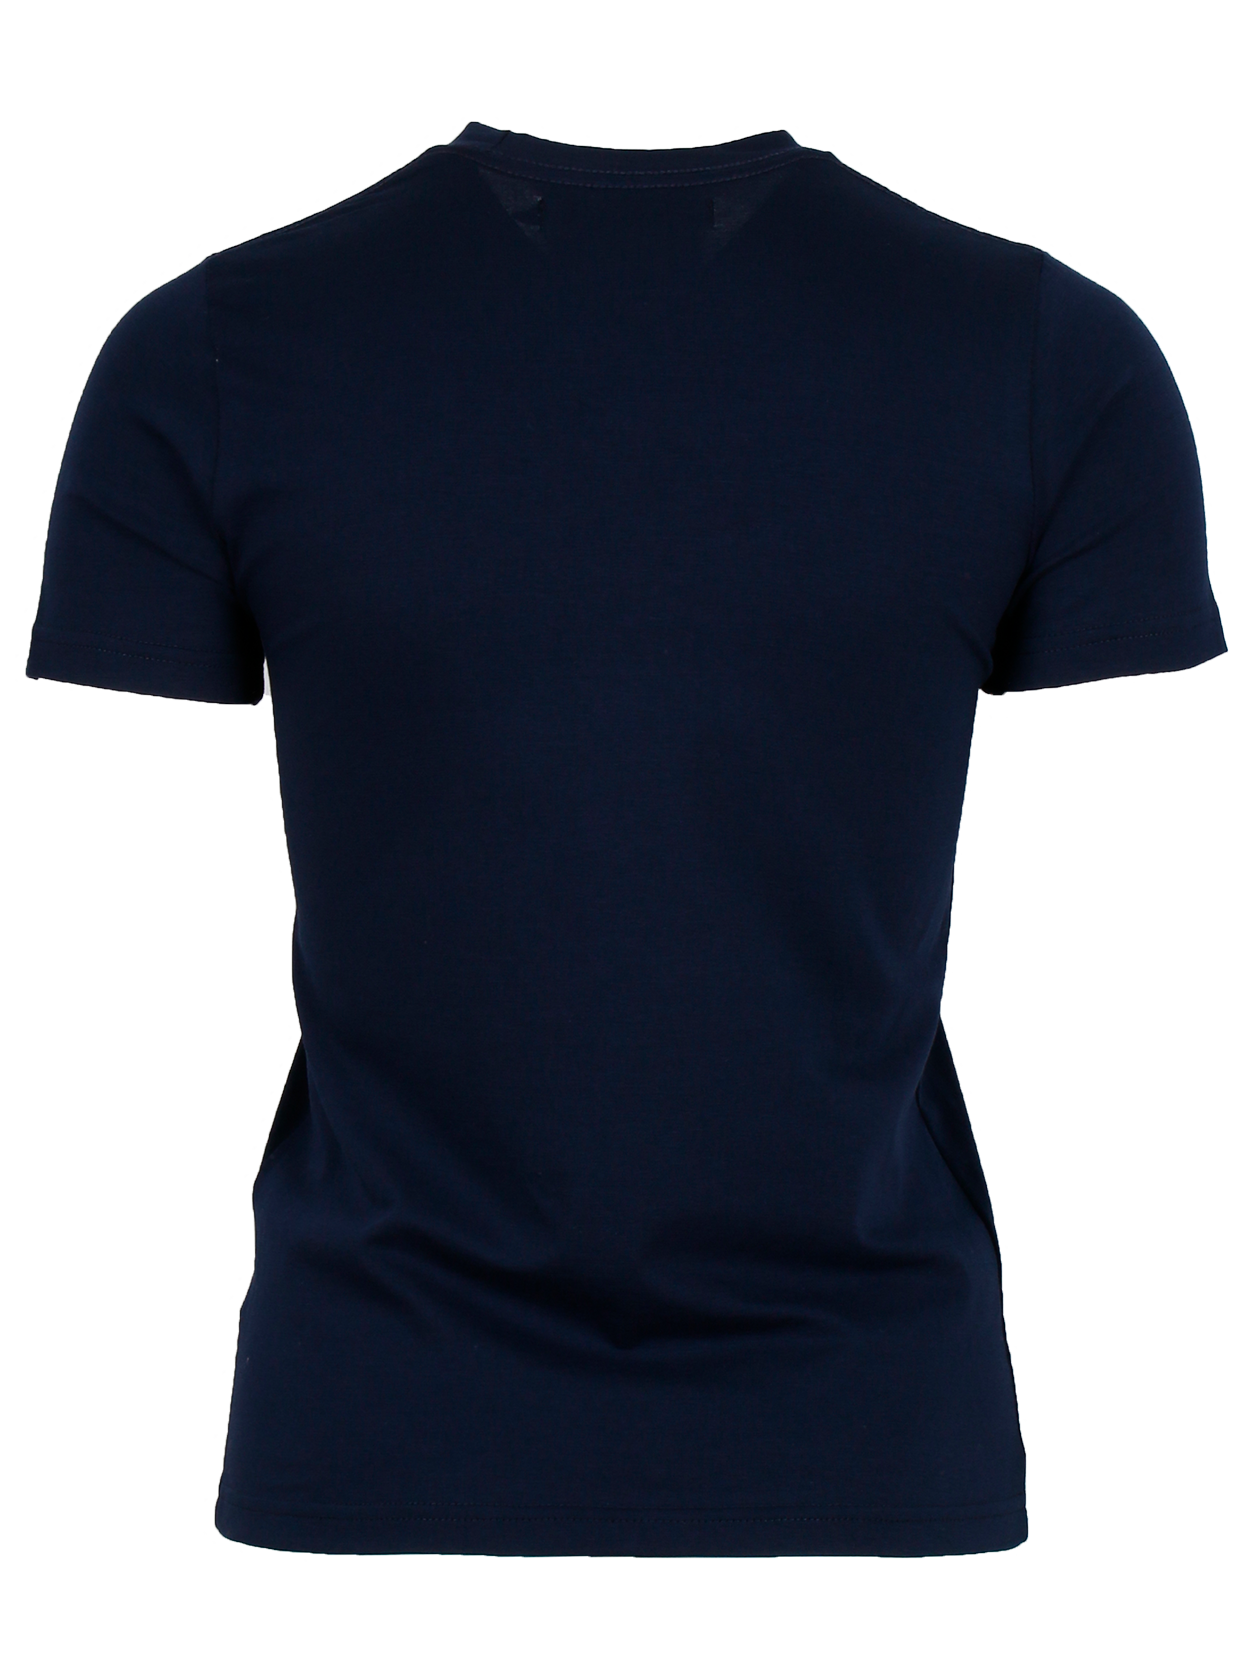 Teens t-shirt ORIGINAL COLLECTION от BlackStarWear INT